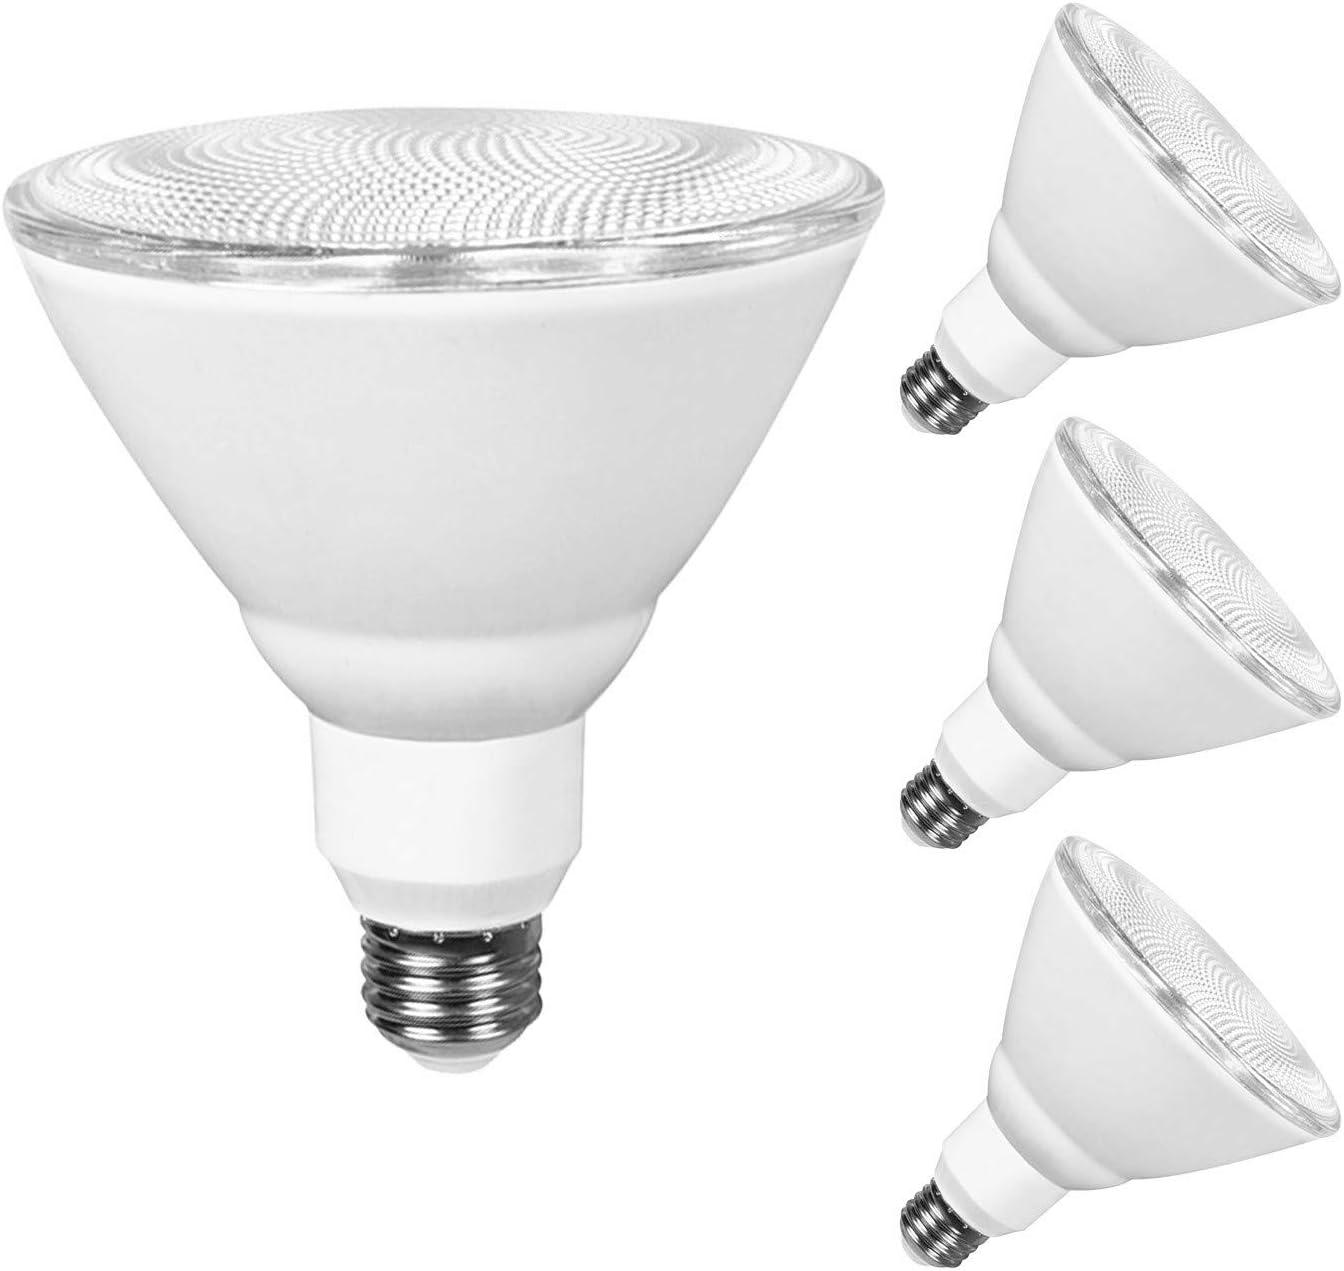 JULLISON 4 Packs PAR38 LED Bulb, 120V/13W/980Lumens/40 Degrees Beam, 90W Equivalent, 4000K Cool White, CRI80+, dimmable, True Look, Outdoor Flood, E26 Base, UL & Energy Star & FCC Listed,Wet Location